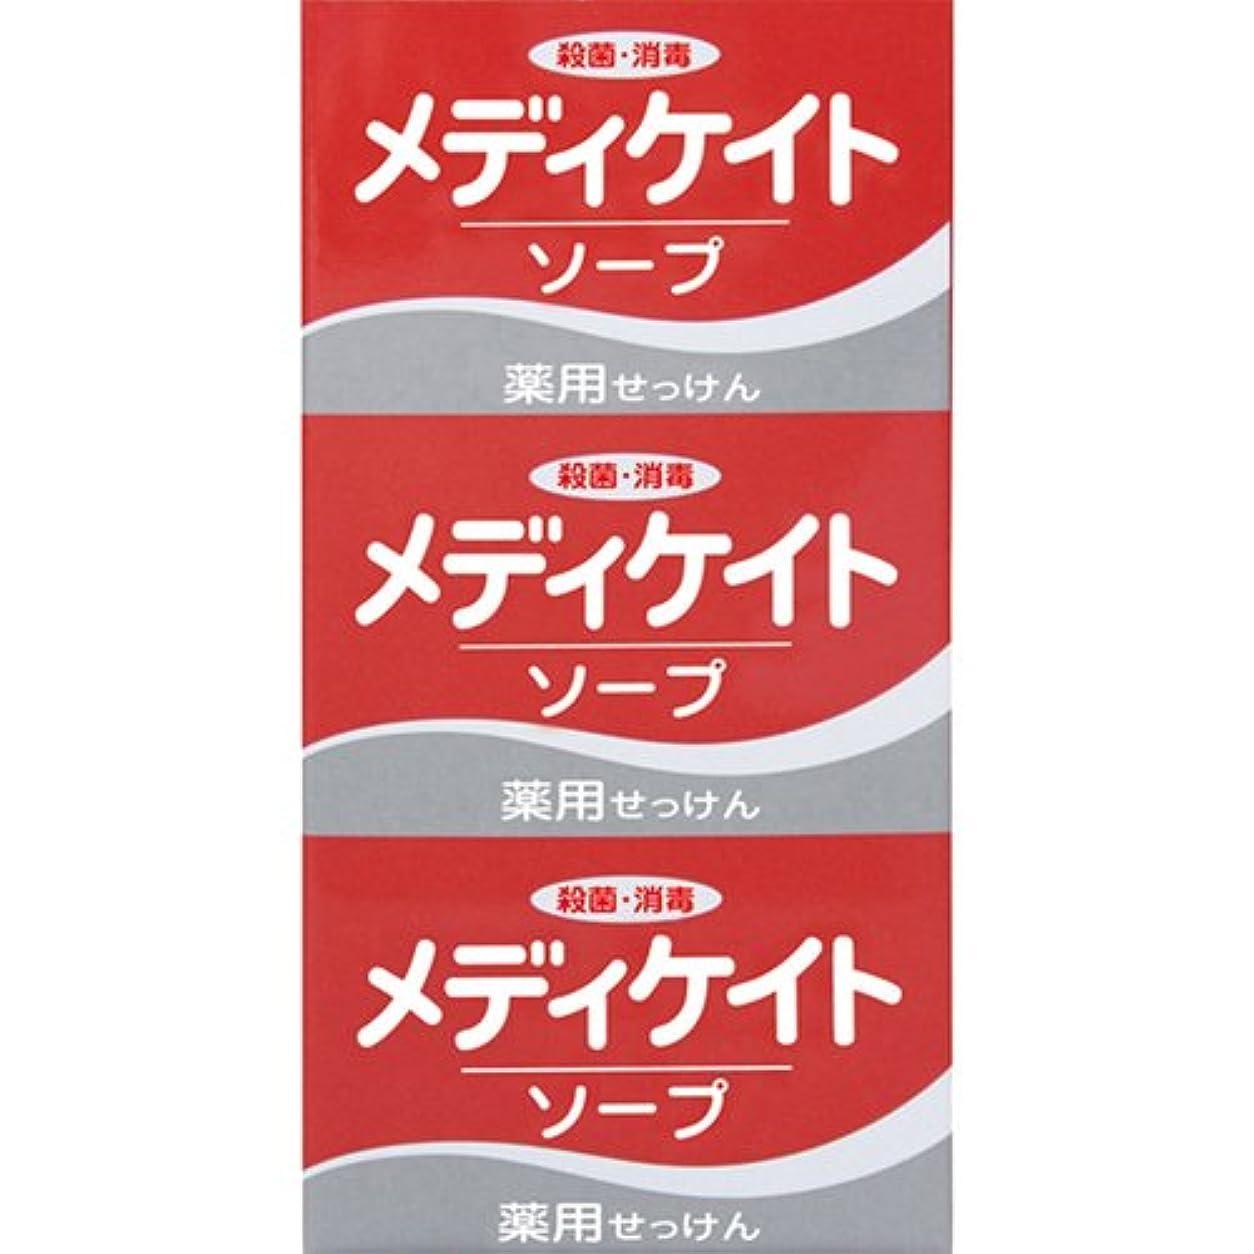 通貨建築ホバート薬用メディケイトソープ 100g×3個入 [医薬部外品]